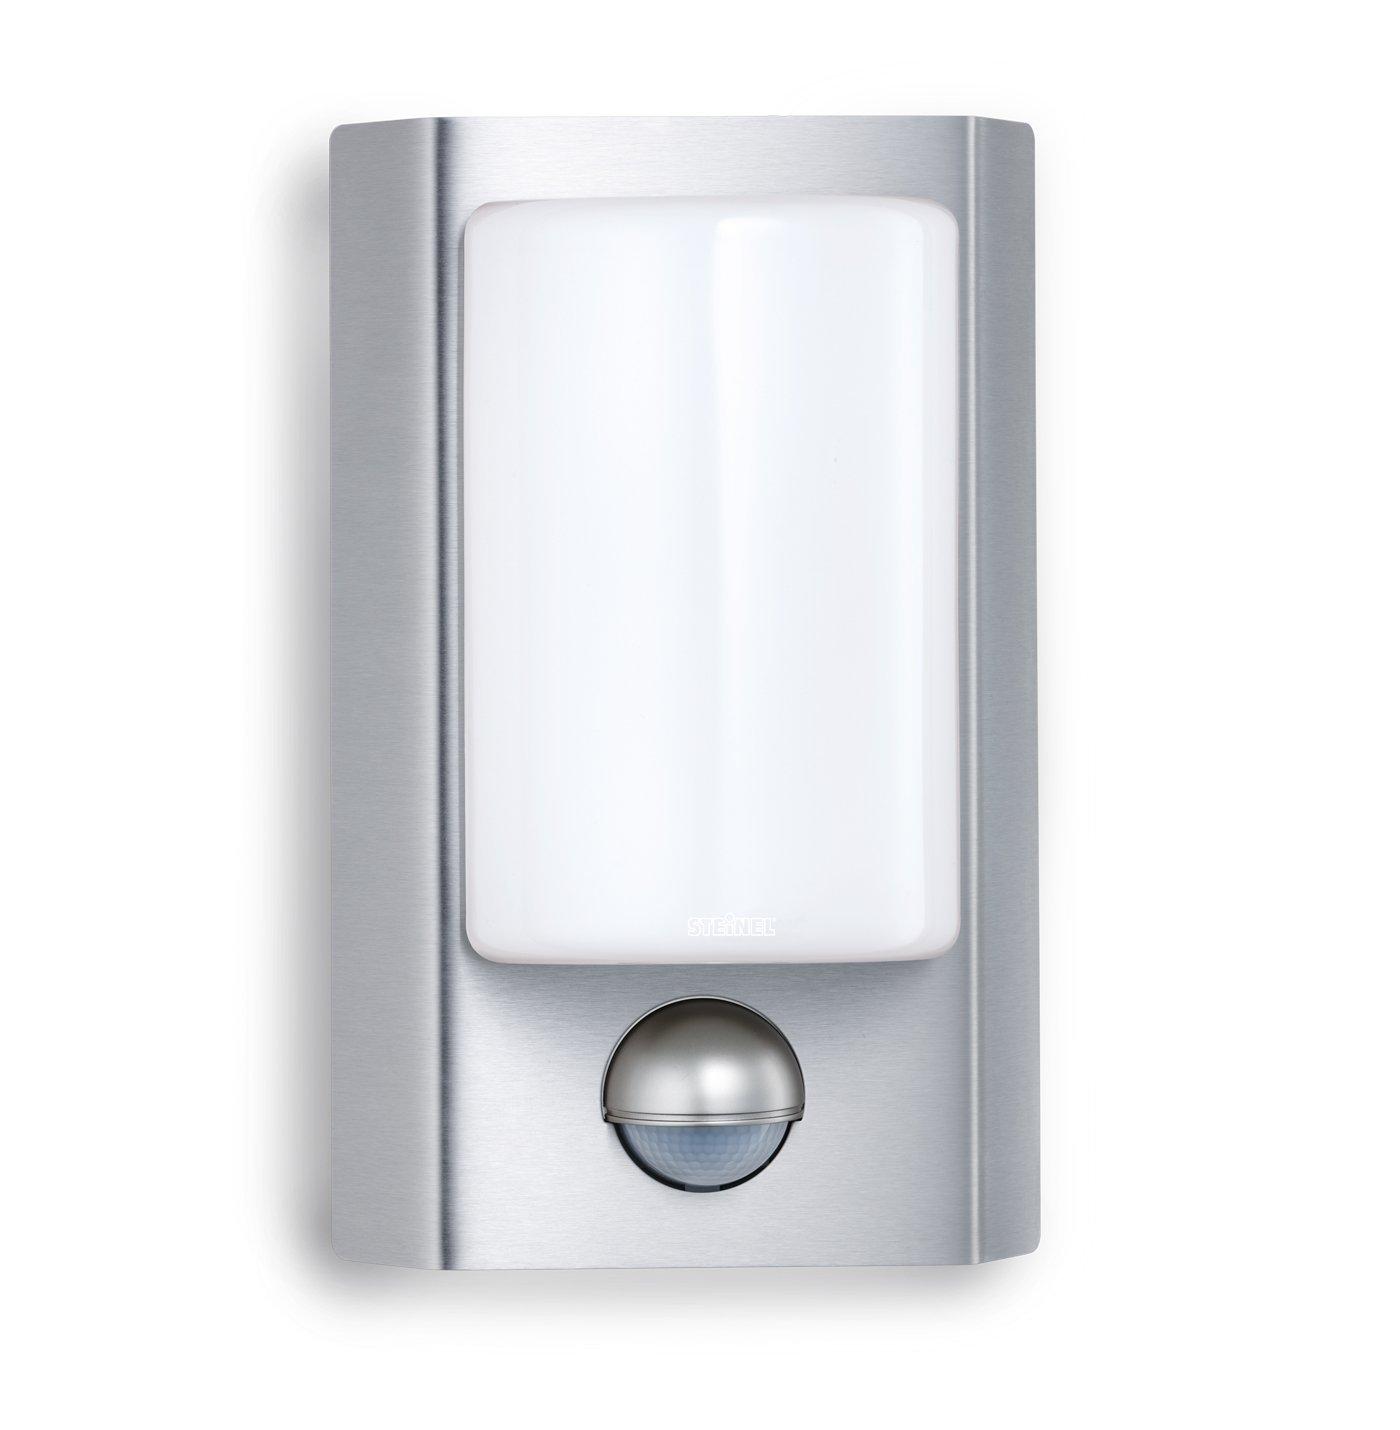 Led Aussenlampe Mit Bewegungsmelder Und Dauerlichtfunktion